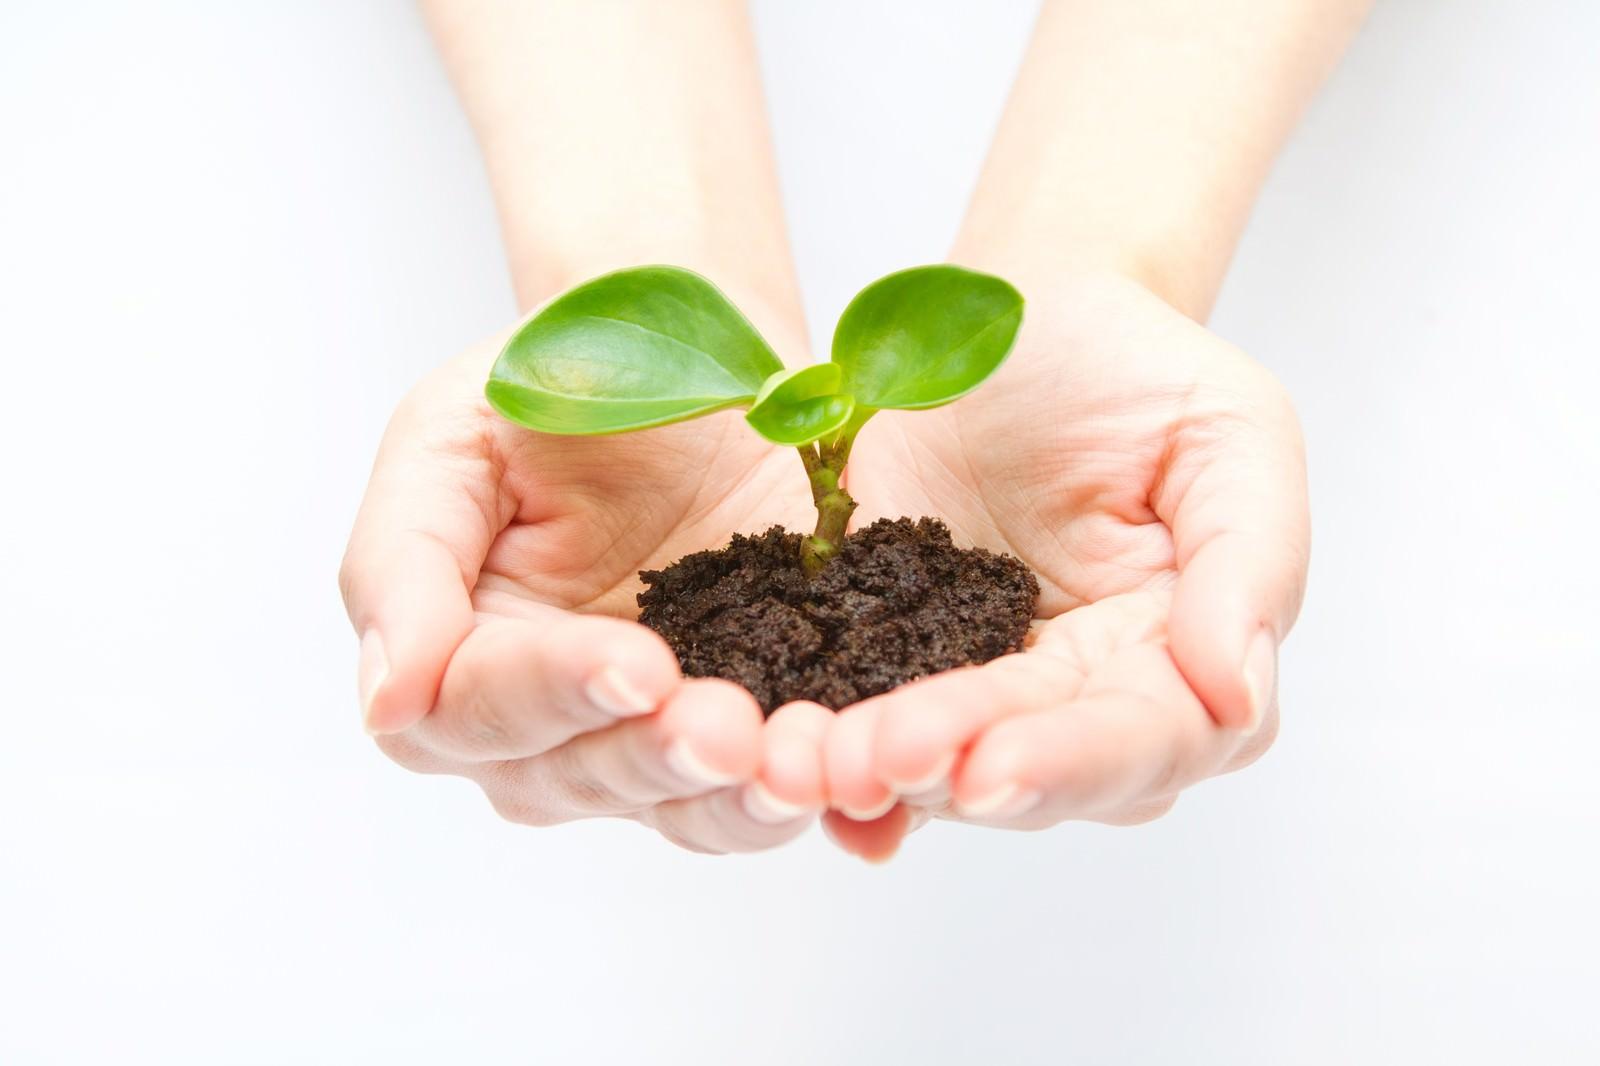 「苗木を持つ手(エコ・地球環境)」の写真